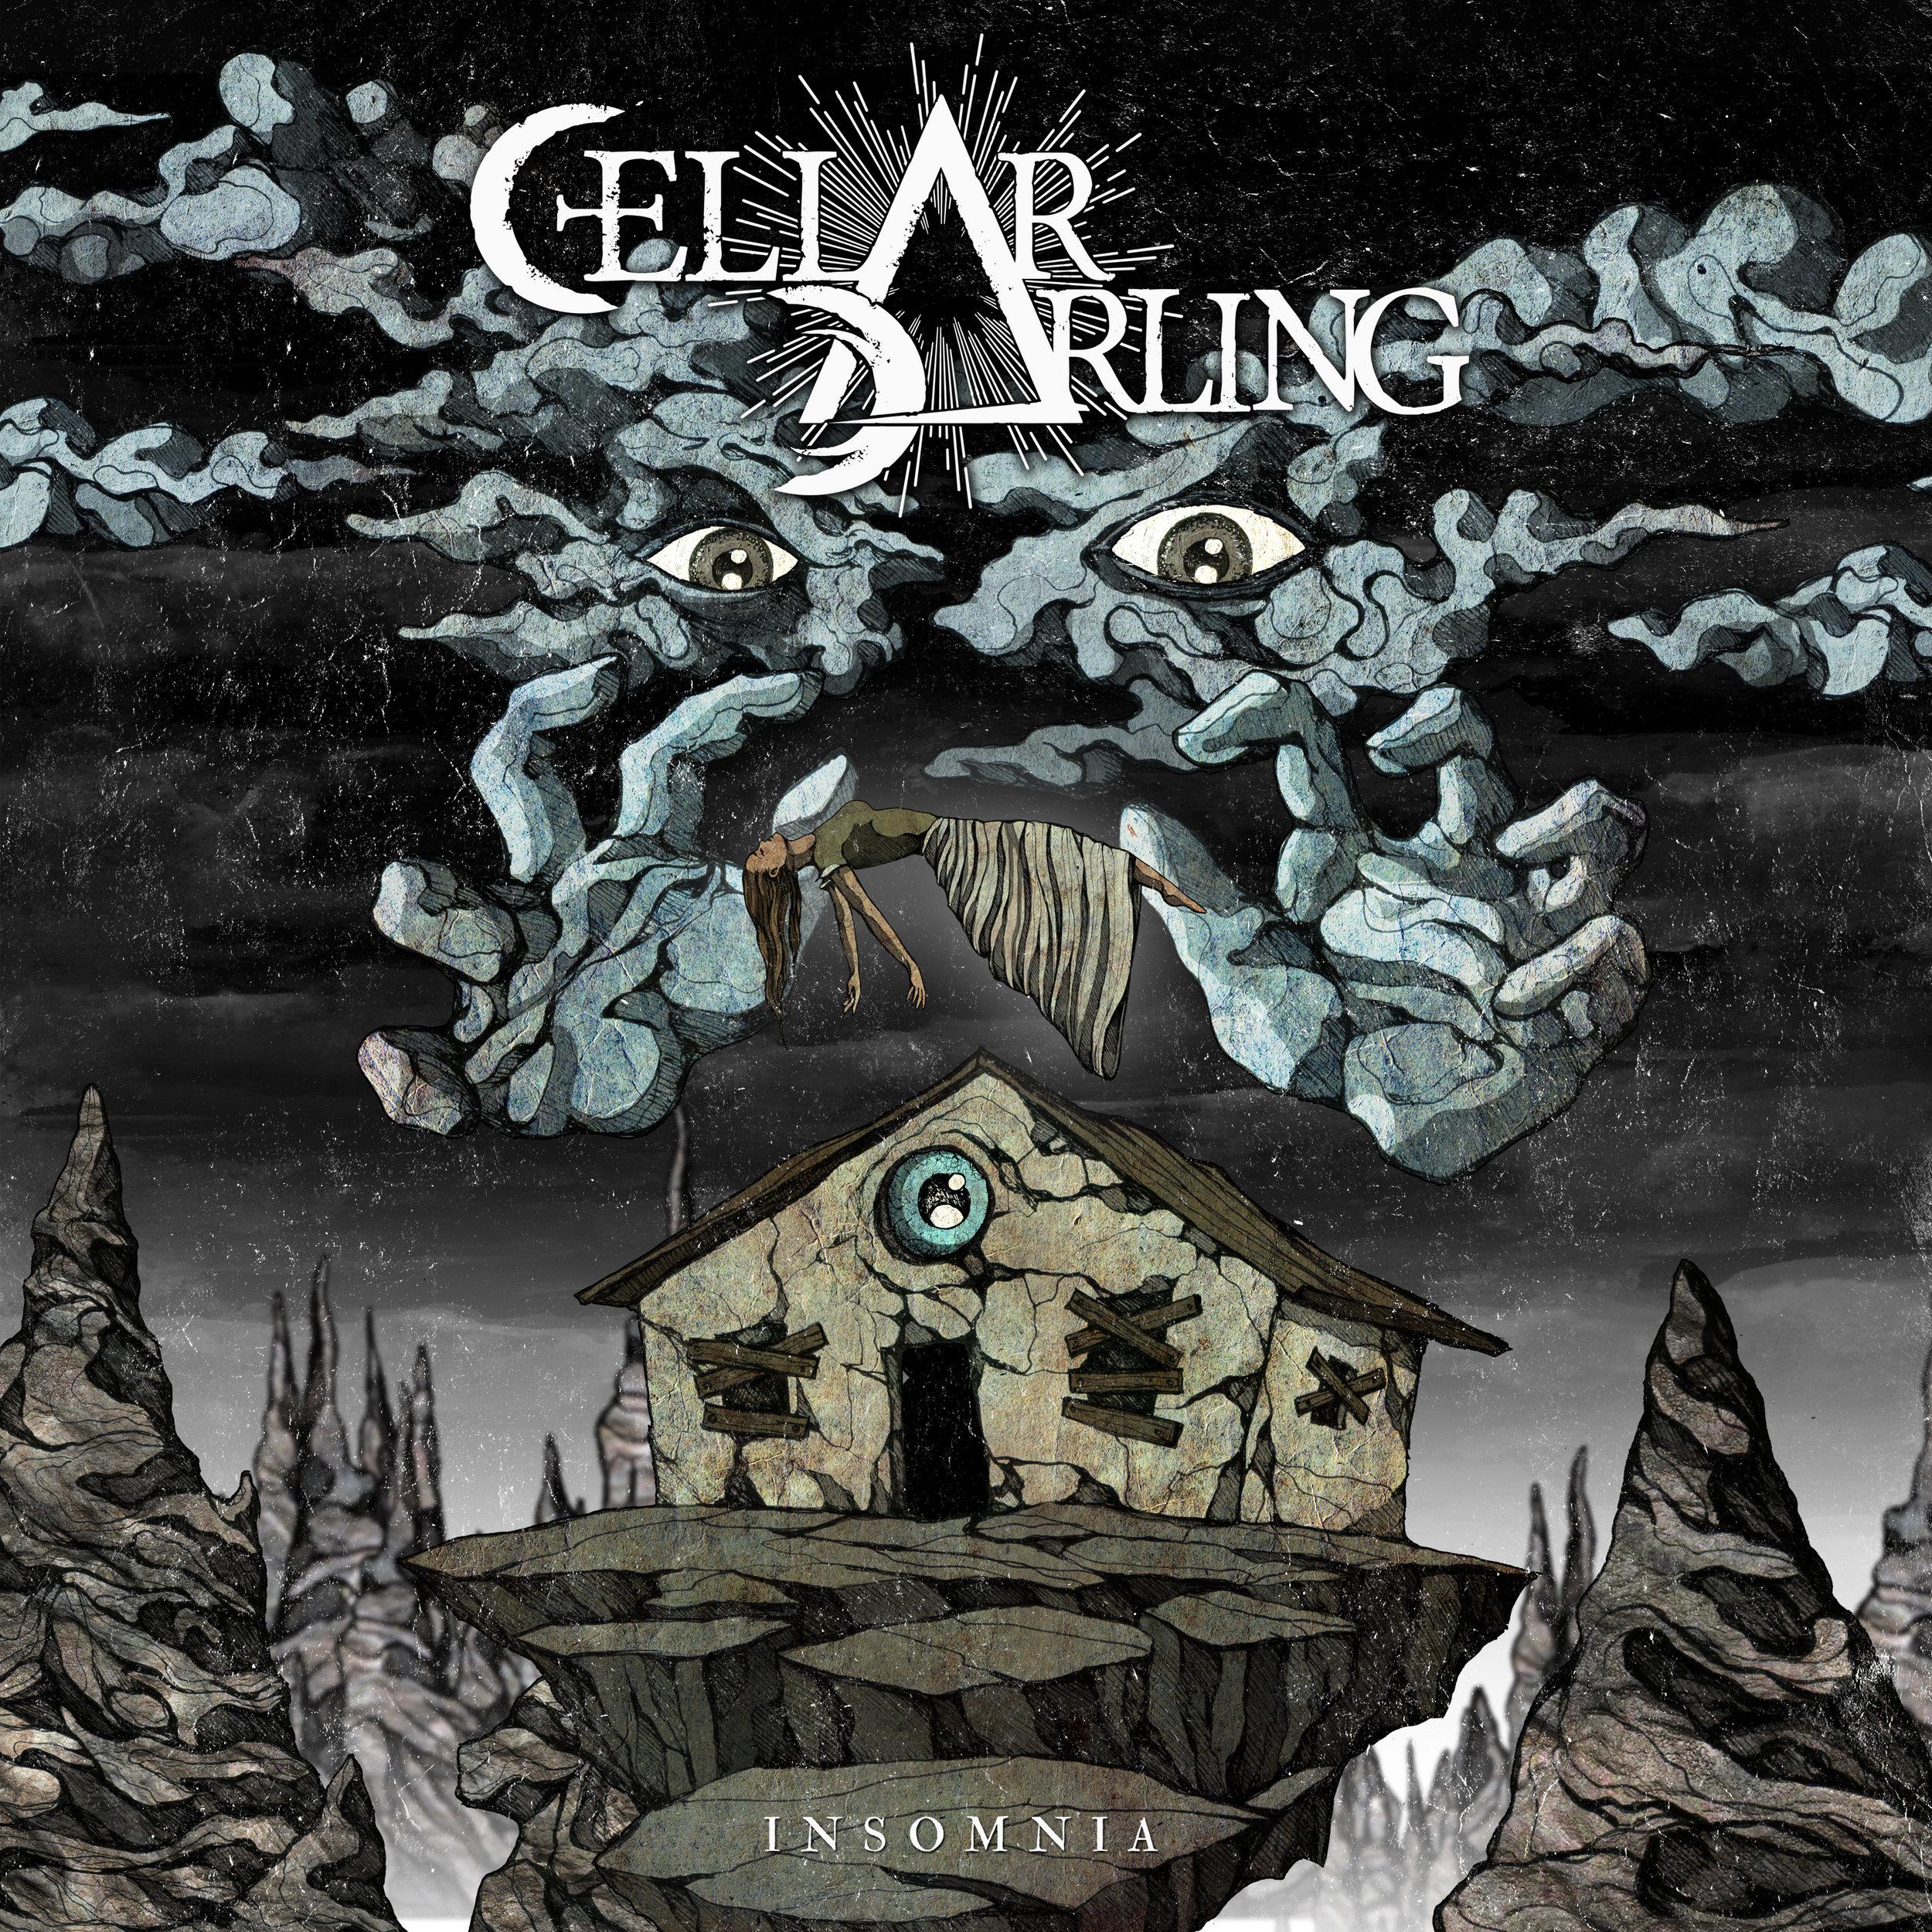 Cellar Darling - Insomnia